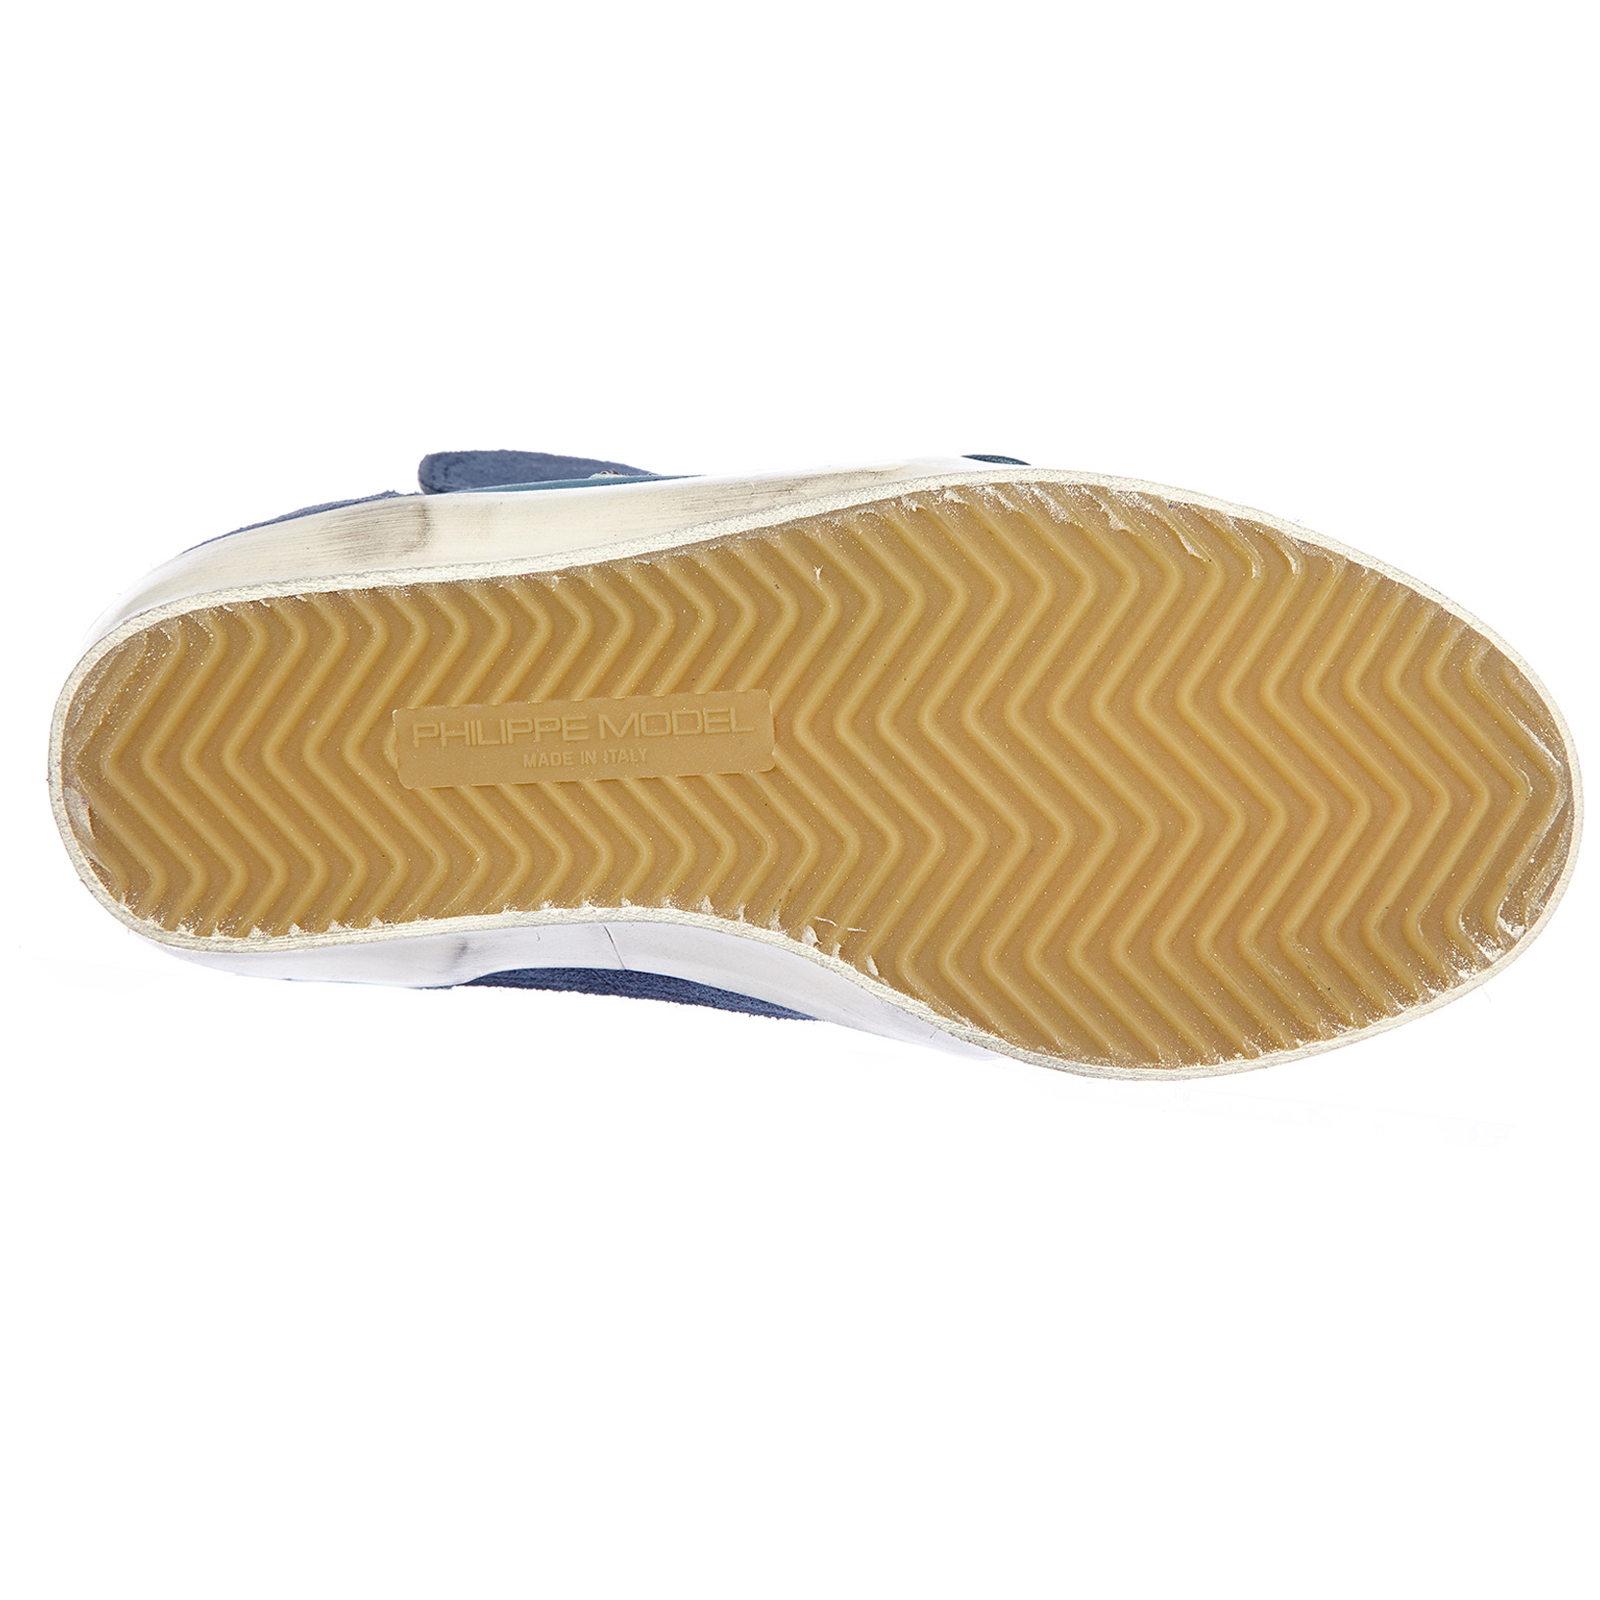 Zapatos zapatillas de deporte largas mujer en ante piaf edith